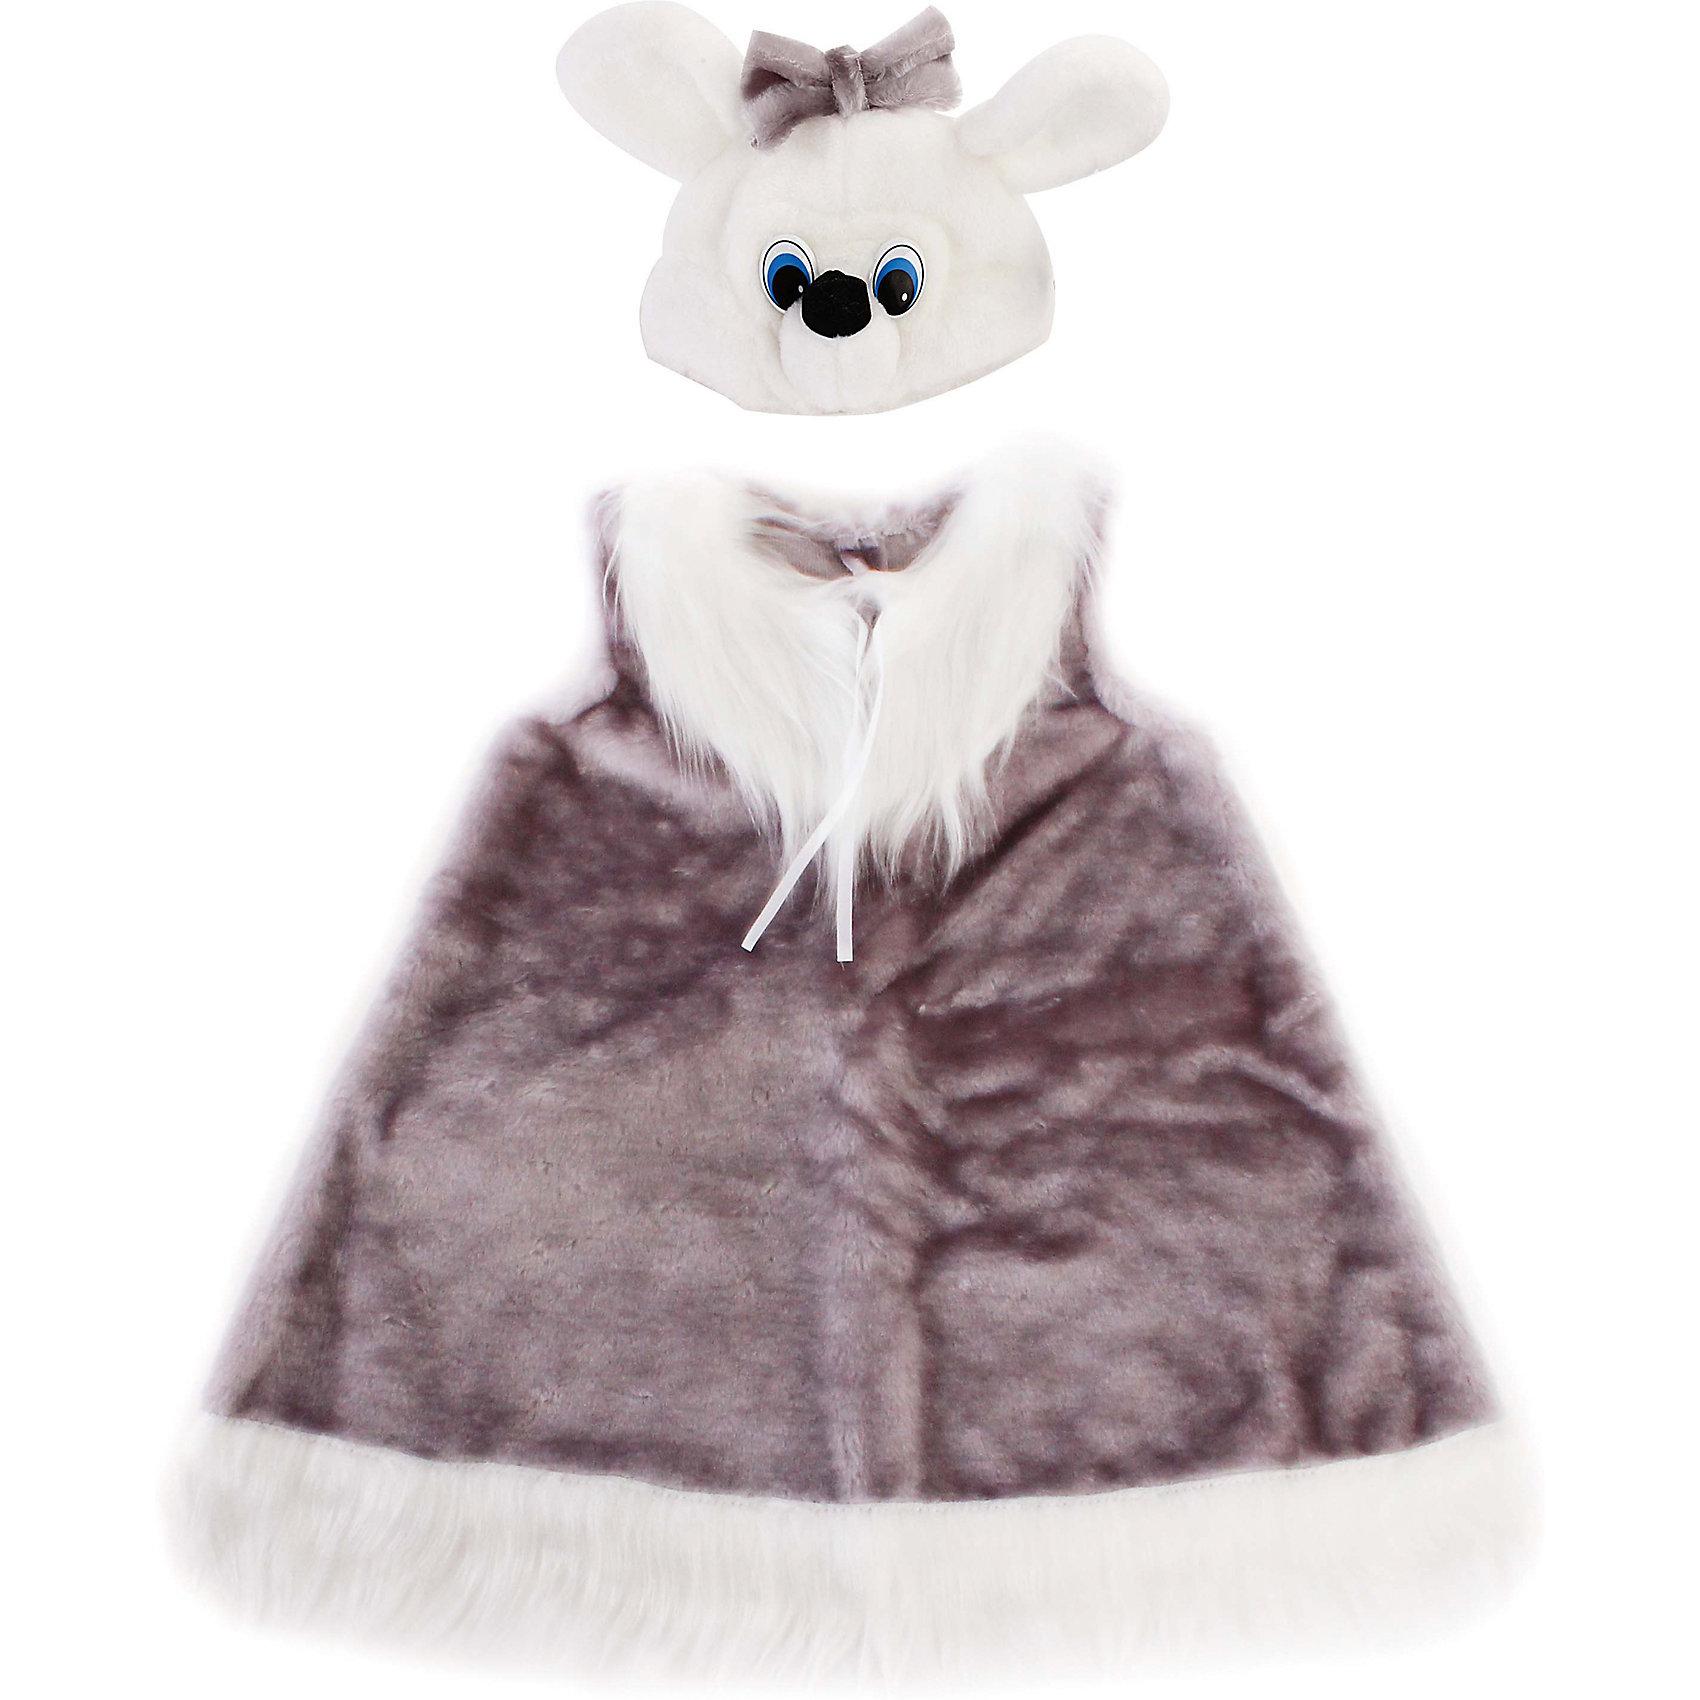 Костюм Мышка, в ассортиментеКарнавальные костюмы и аксессуары<br>Характеристики товара:<br><br>• цвет: серый<br>• комплектация: шапка, сарафан<br>• материал: текстиль, искусственный мех<br>• размер упаковки: 35х10х47 см<br>• упаковка: пакет<br>• возраст: от 4 лет<br>• страна бренда: Российская Федерация<br>• страна изготовитель: Российская Федерация<br><br>Новогодние праздники - отличная возможность перевоплотиться в кого угодно, надев маскарадный костюм. Этот набор позволит ребенку мгновенно превратиться в симпатичную мышку!<br>Он состоит из двух предметов, которые подойдут дошкольникам и младшим школьникам - размер универсален. Изделия удобно сидят и позволяют ребенку наслаждаться праздником или принимать участие в постановке. Модель хорошо проработана, сшита из качественных и проверенных материалов, которые безопасны для детей.<br><br>Костюм Мышка, в ассортименте, можно купить в нашем интернет-магазине.<br><br>Ширина мм: 310<br>Глубина мм: 460<br>Высота мм: 80<br>Вес г: 170<br>Возраст от месяцев: 36<br>Возраст до месяцев: 96<br>Пол: Женский<br>Возраст: Детский<br>SKU: 5177192